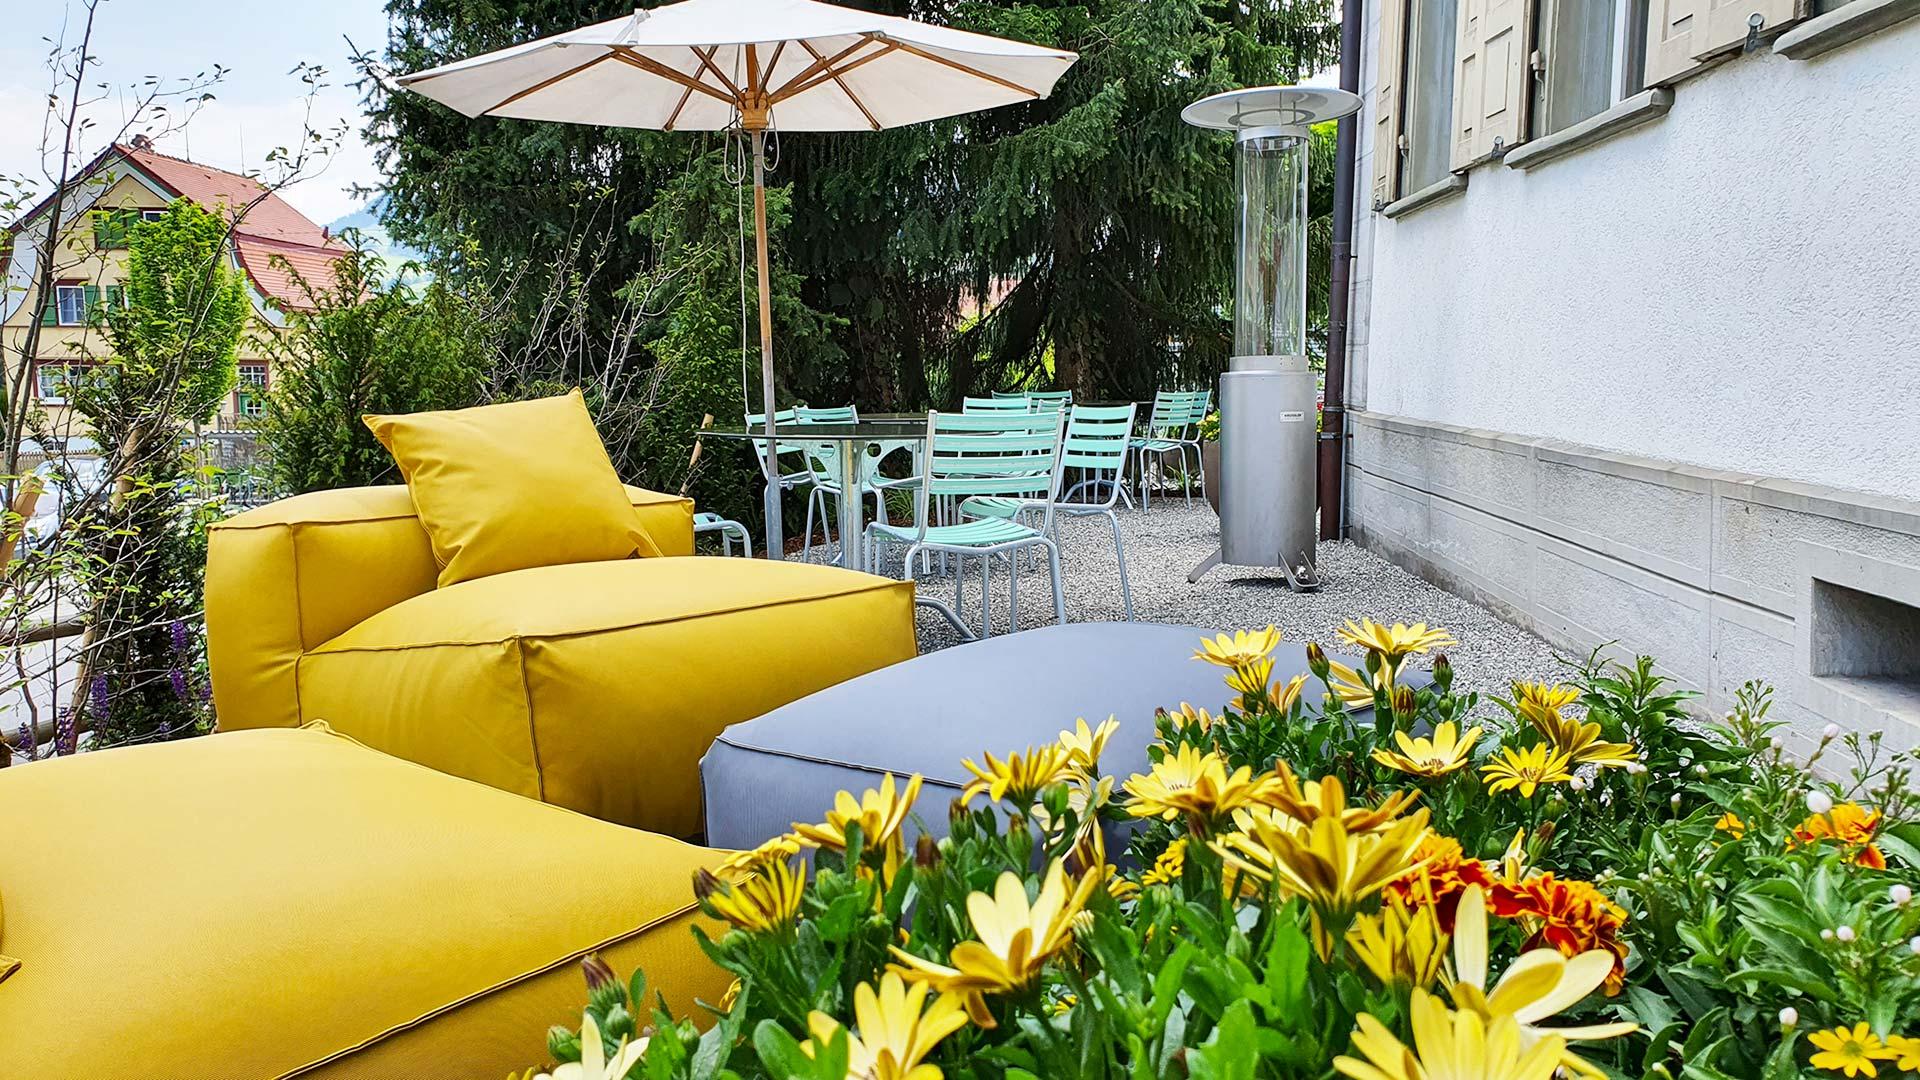 Restaurant Löwen mit Terrasse in Gonten. Besuchen Sie uns auf der neu erstellten Terrasse des Leuen in Gonten!